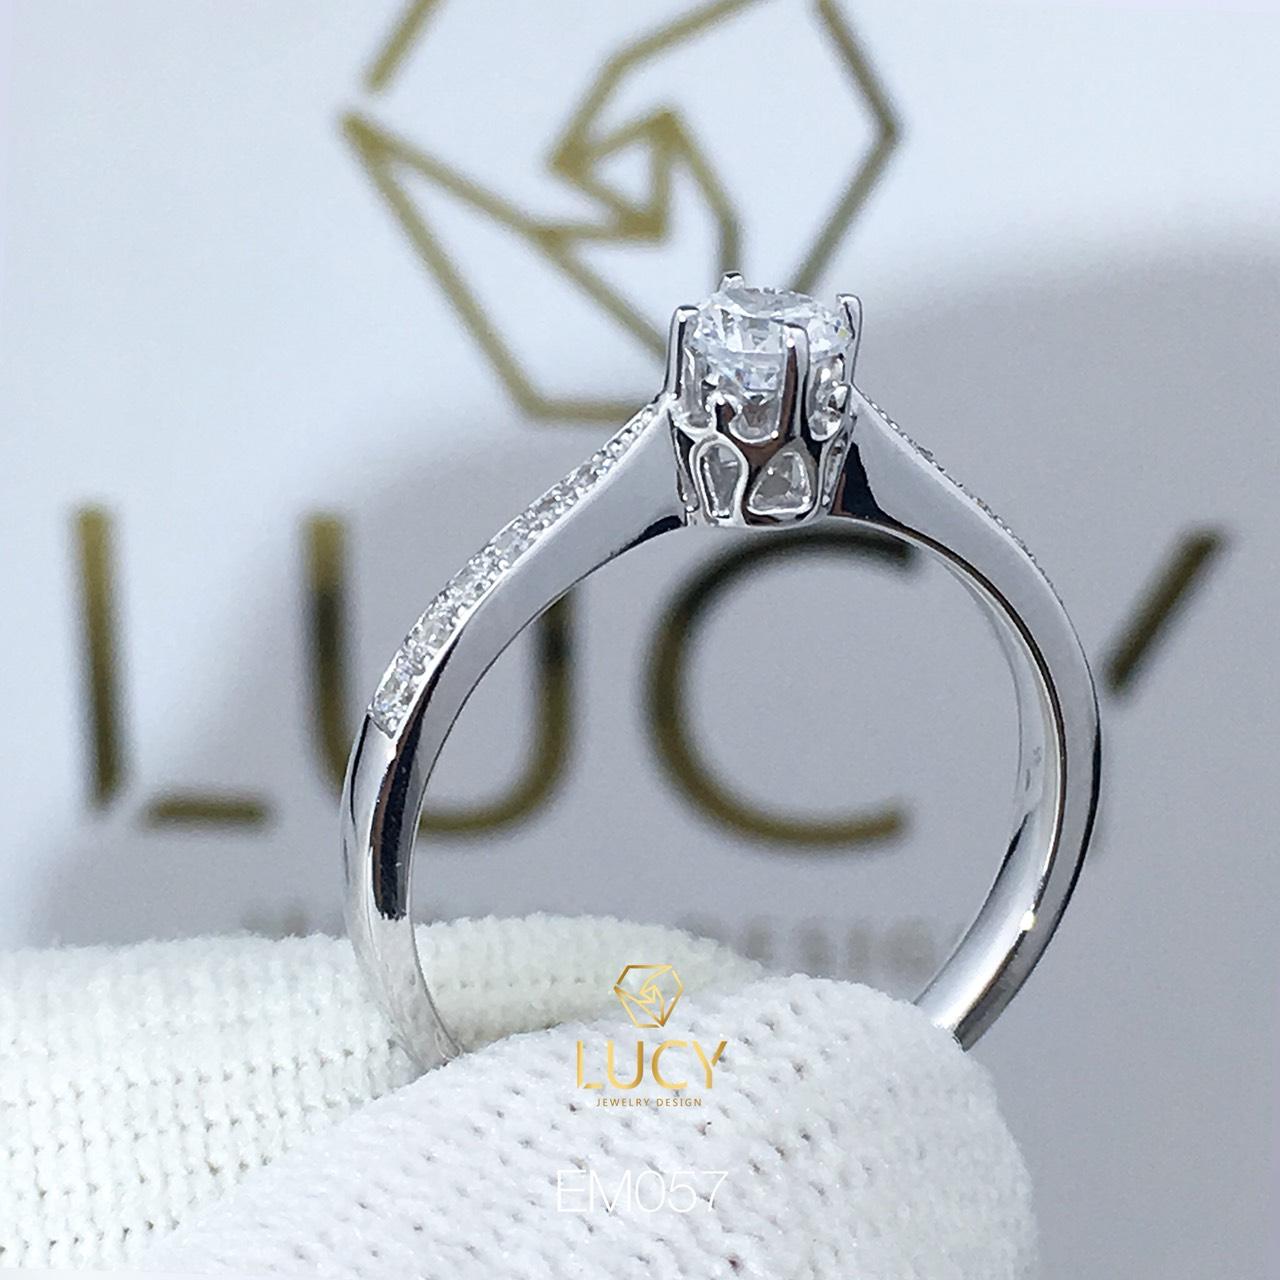 EM057 Nhẫn nữ vàng, nhẫn ổ kim cương 3.6mm 3.5mm, nhẫn nữ thiết kế, nhẫn cầu hôn, nhẫn đính hôn - Lucy Jewelry